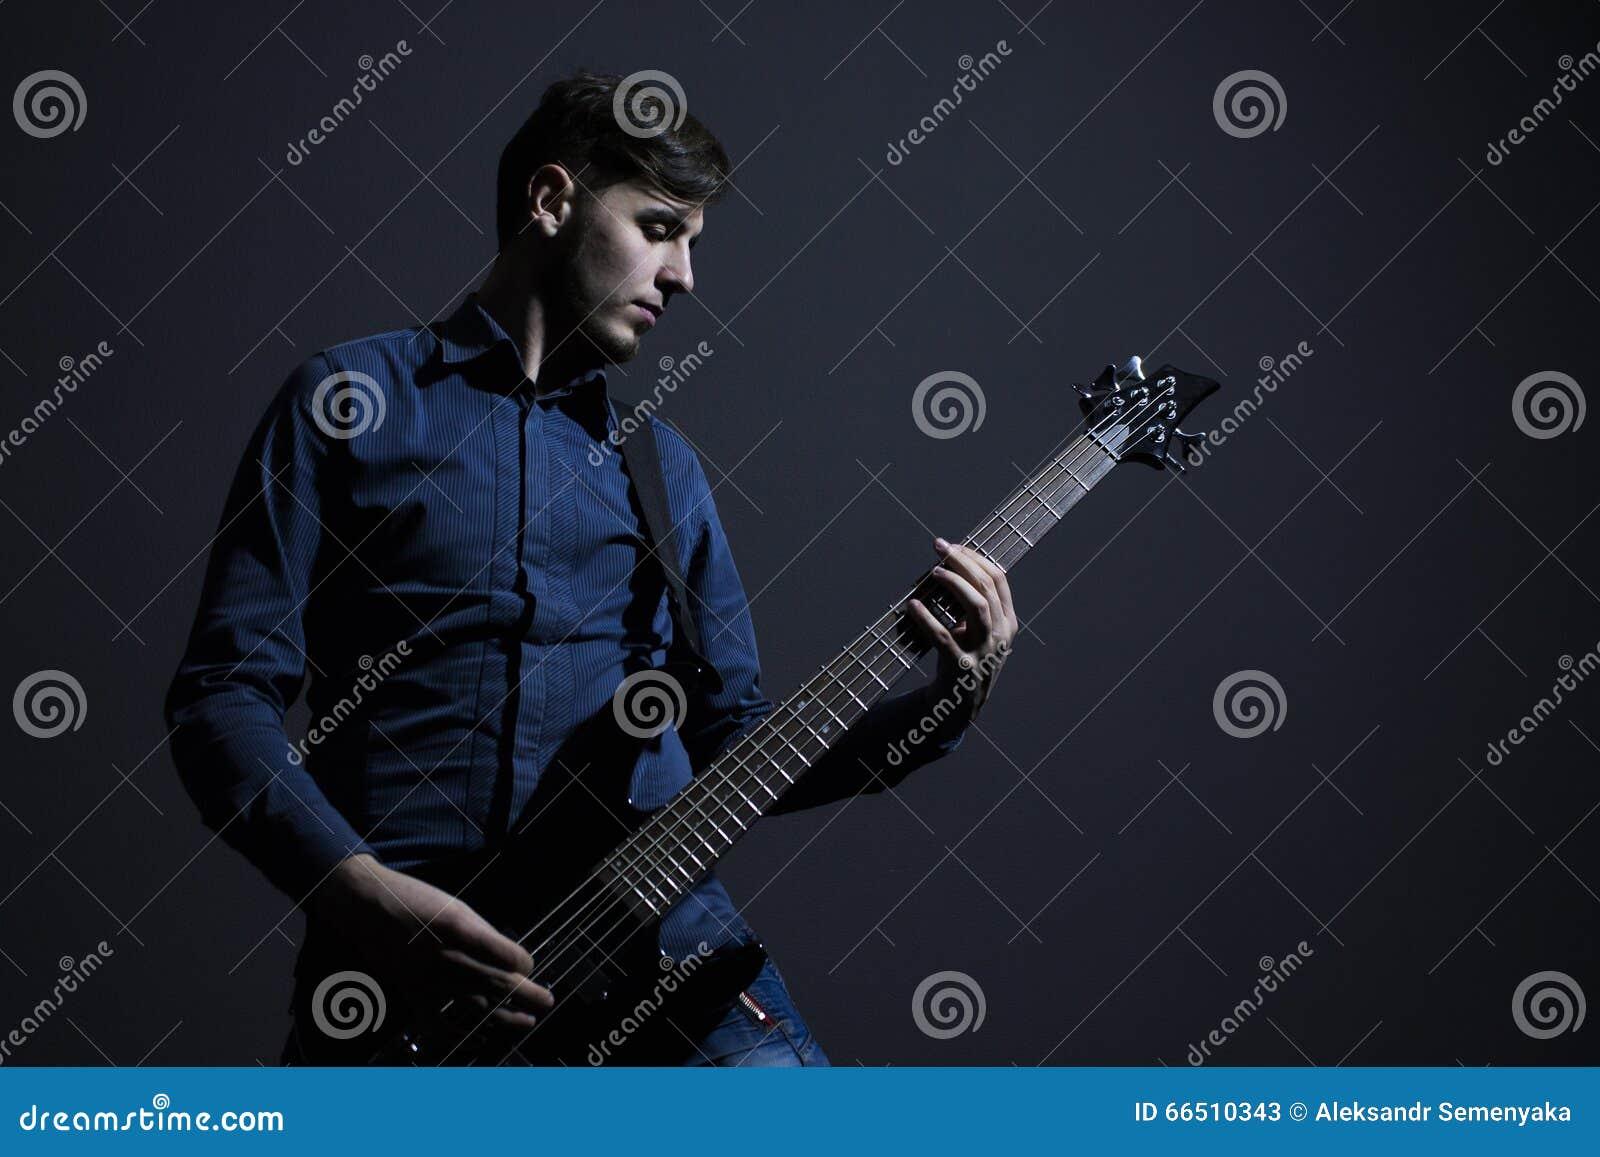 Músico de metales pesados